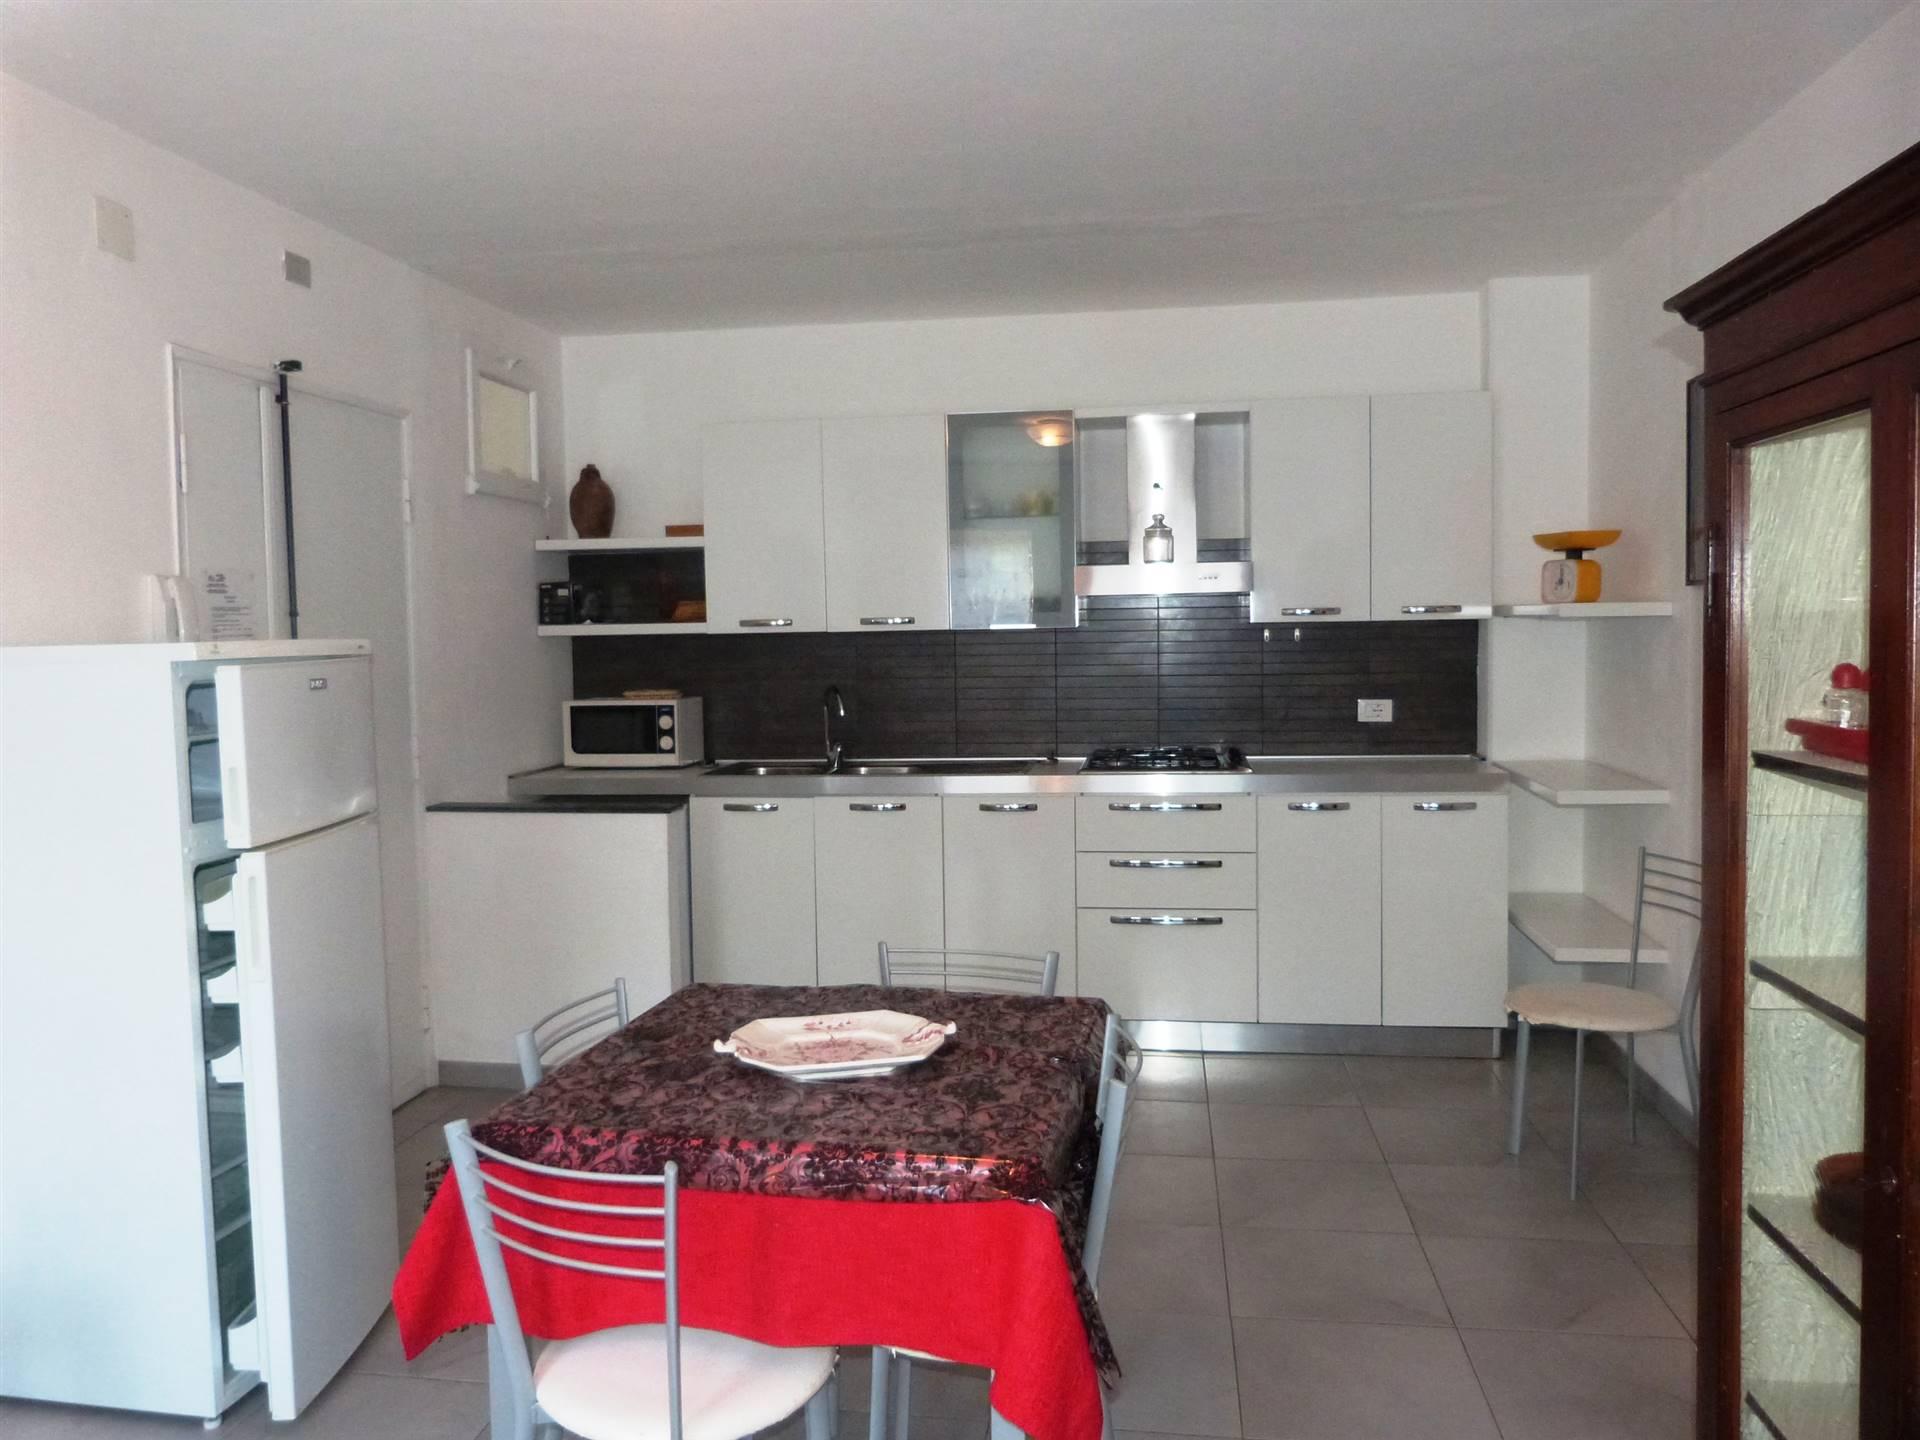 Appartamento in vendita a Castagneto Carducci, 3 locali, zona na di Castagneto Carducci, prezzo € 200.000   PortaleAgenzieImmobiliari.it